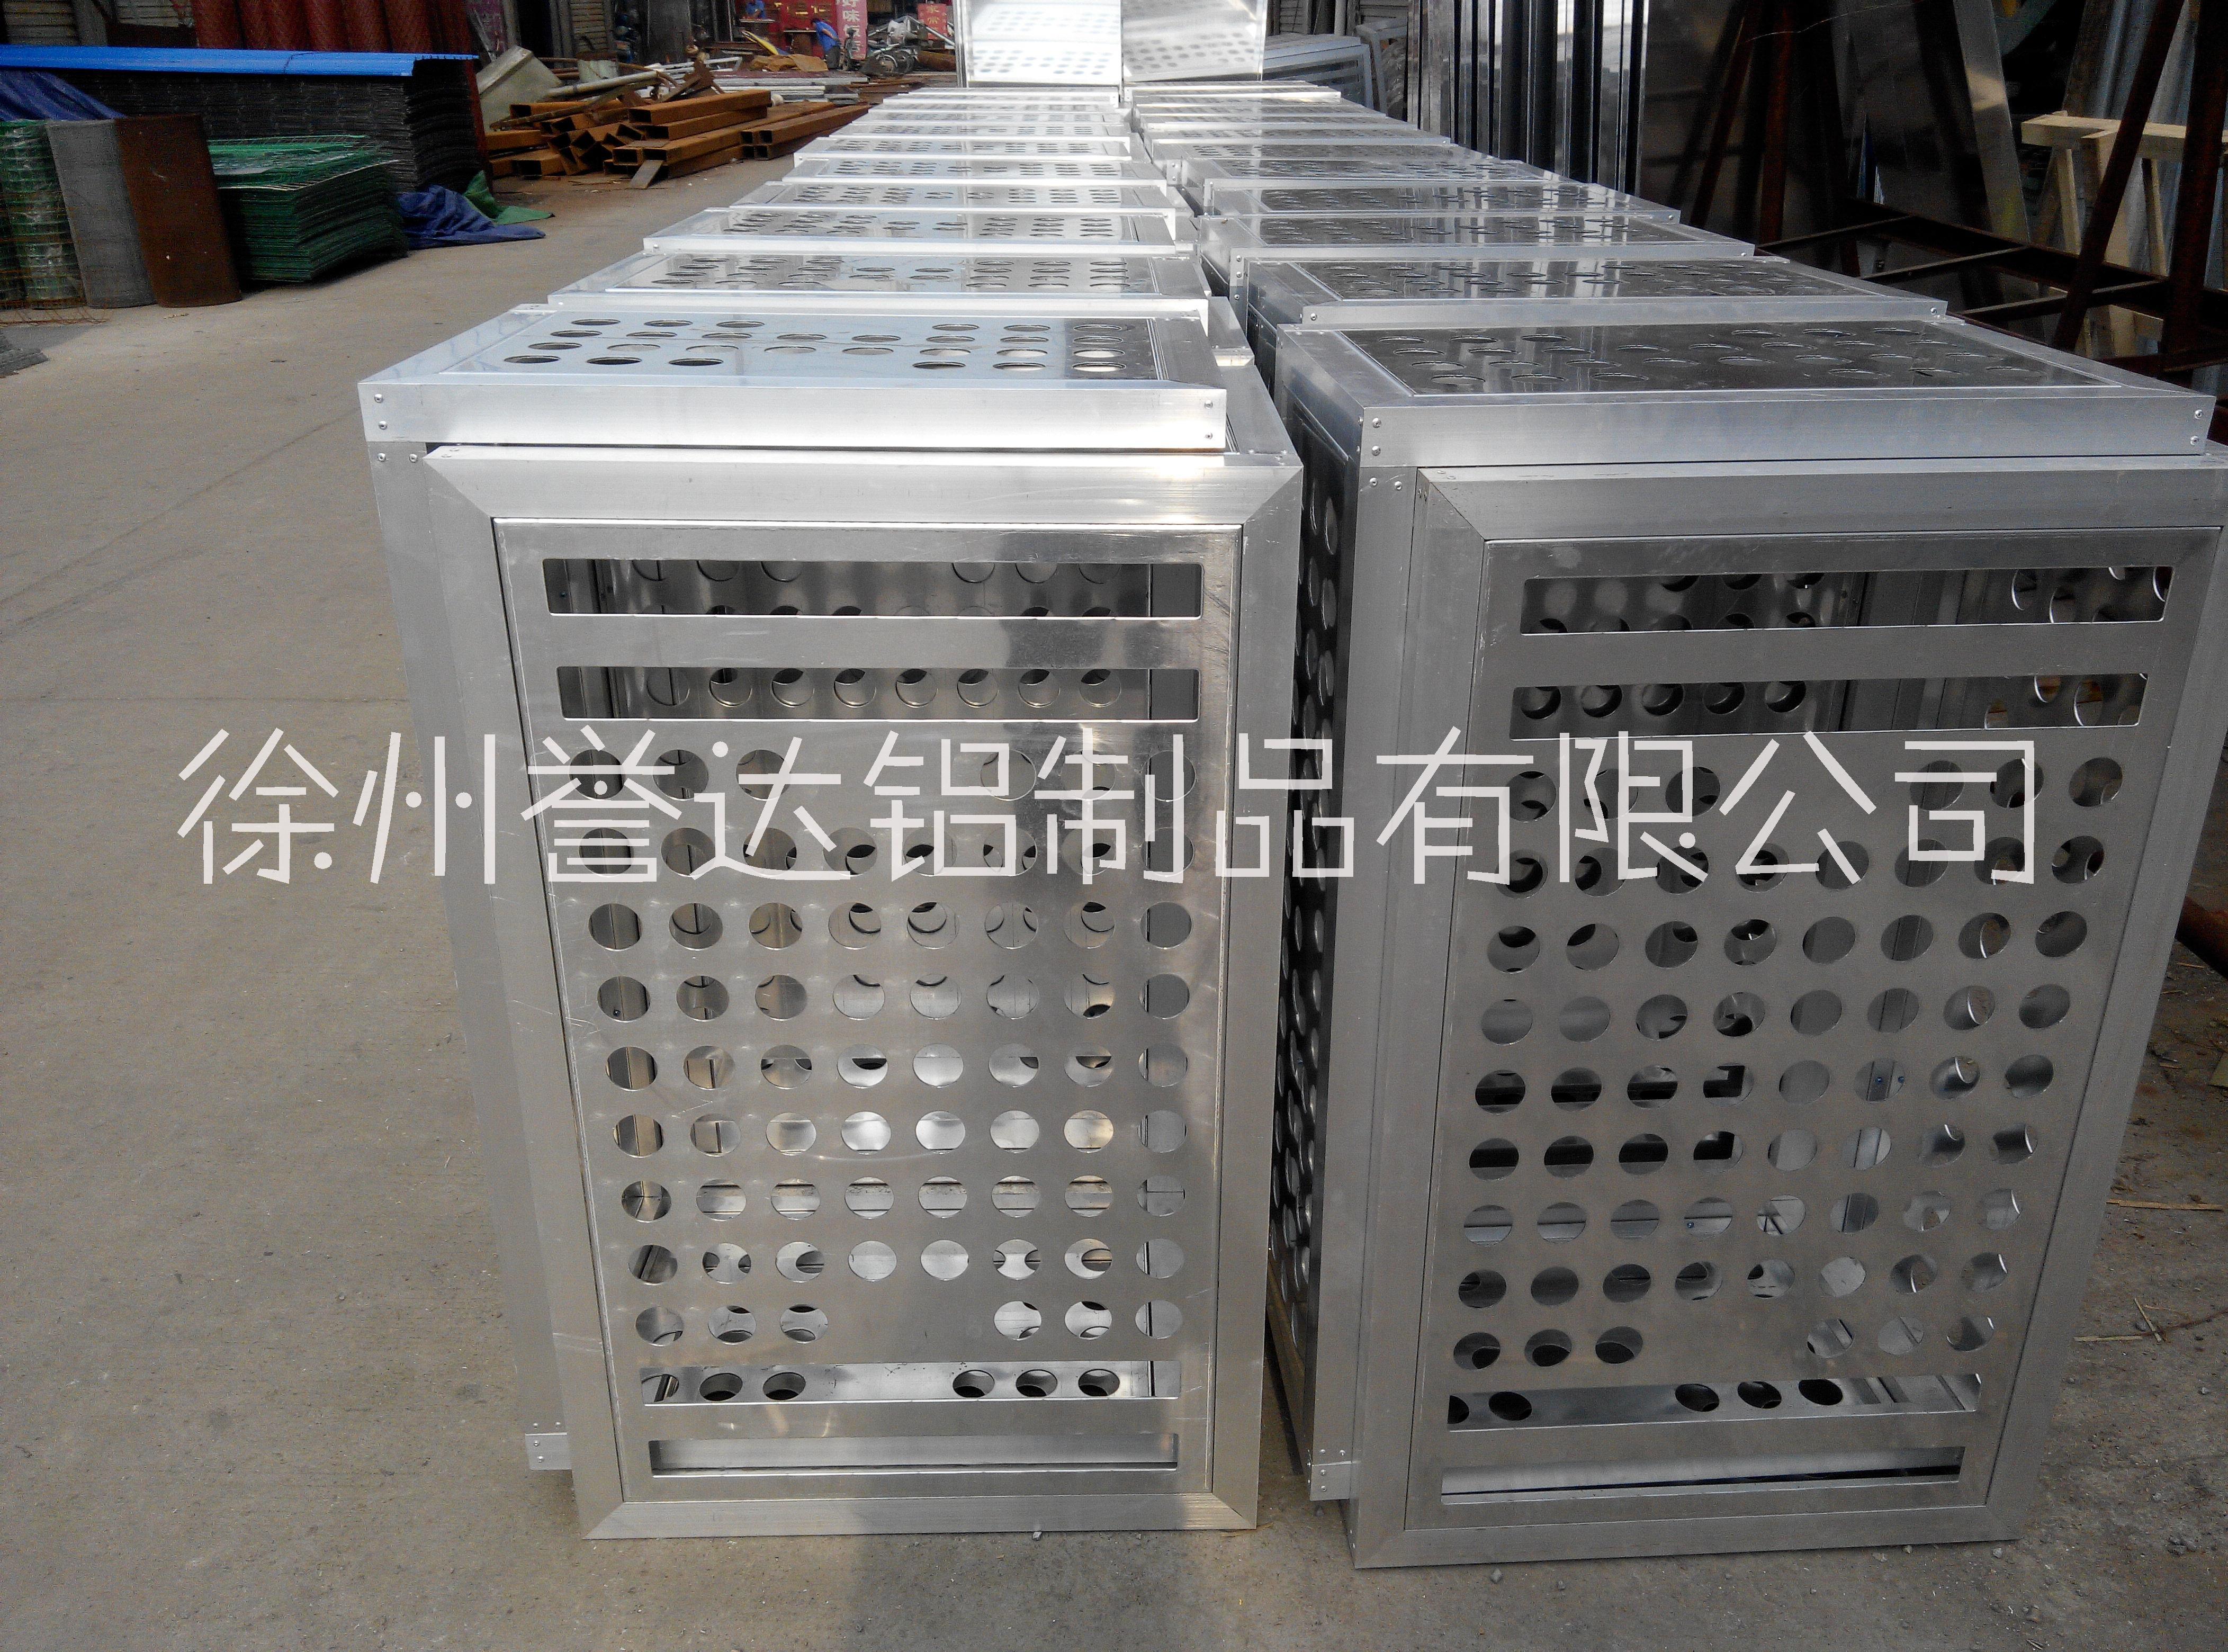 铝合金空调防护罩 铝合金板 冲孔铝板加工定制